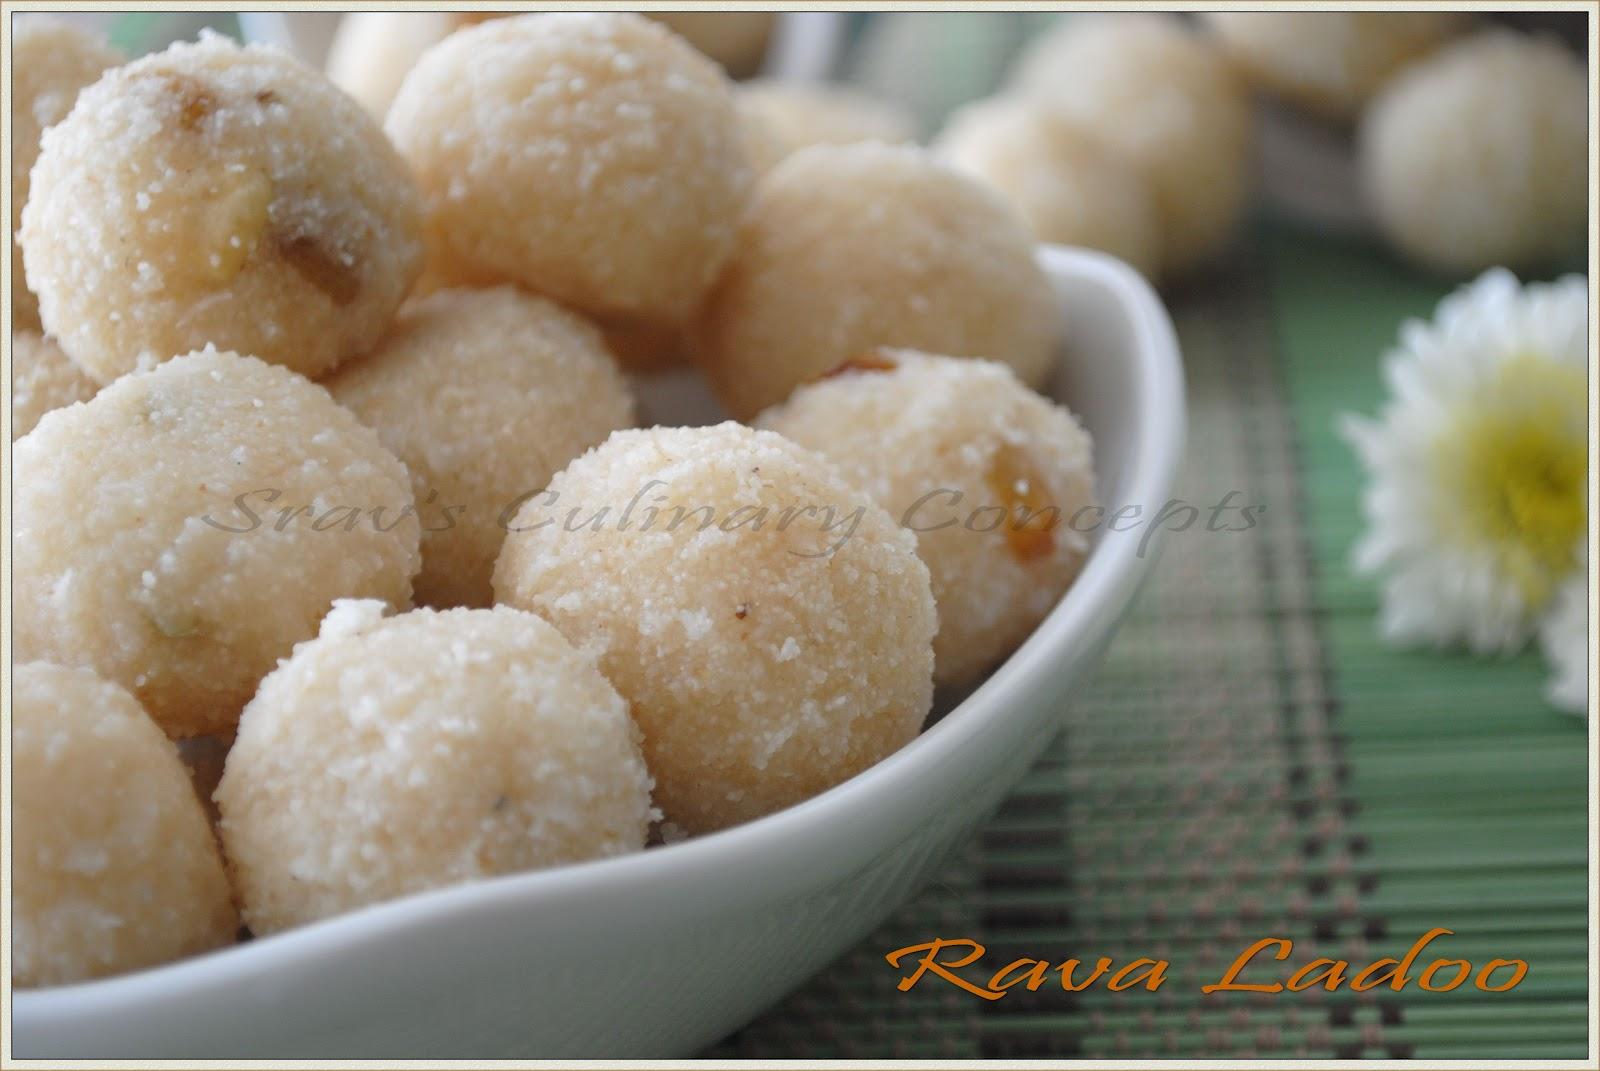 Coconut+Mava+Ladoo+Recipes Coconut Mava Ladoo Recipes http://sravscc ...